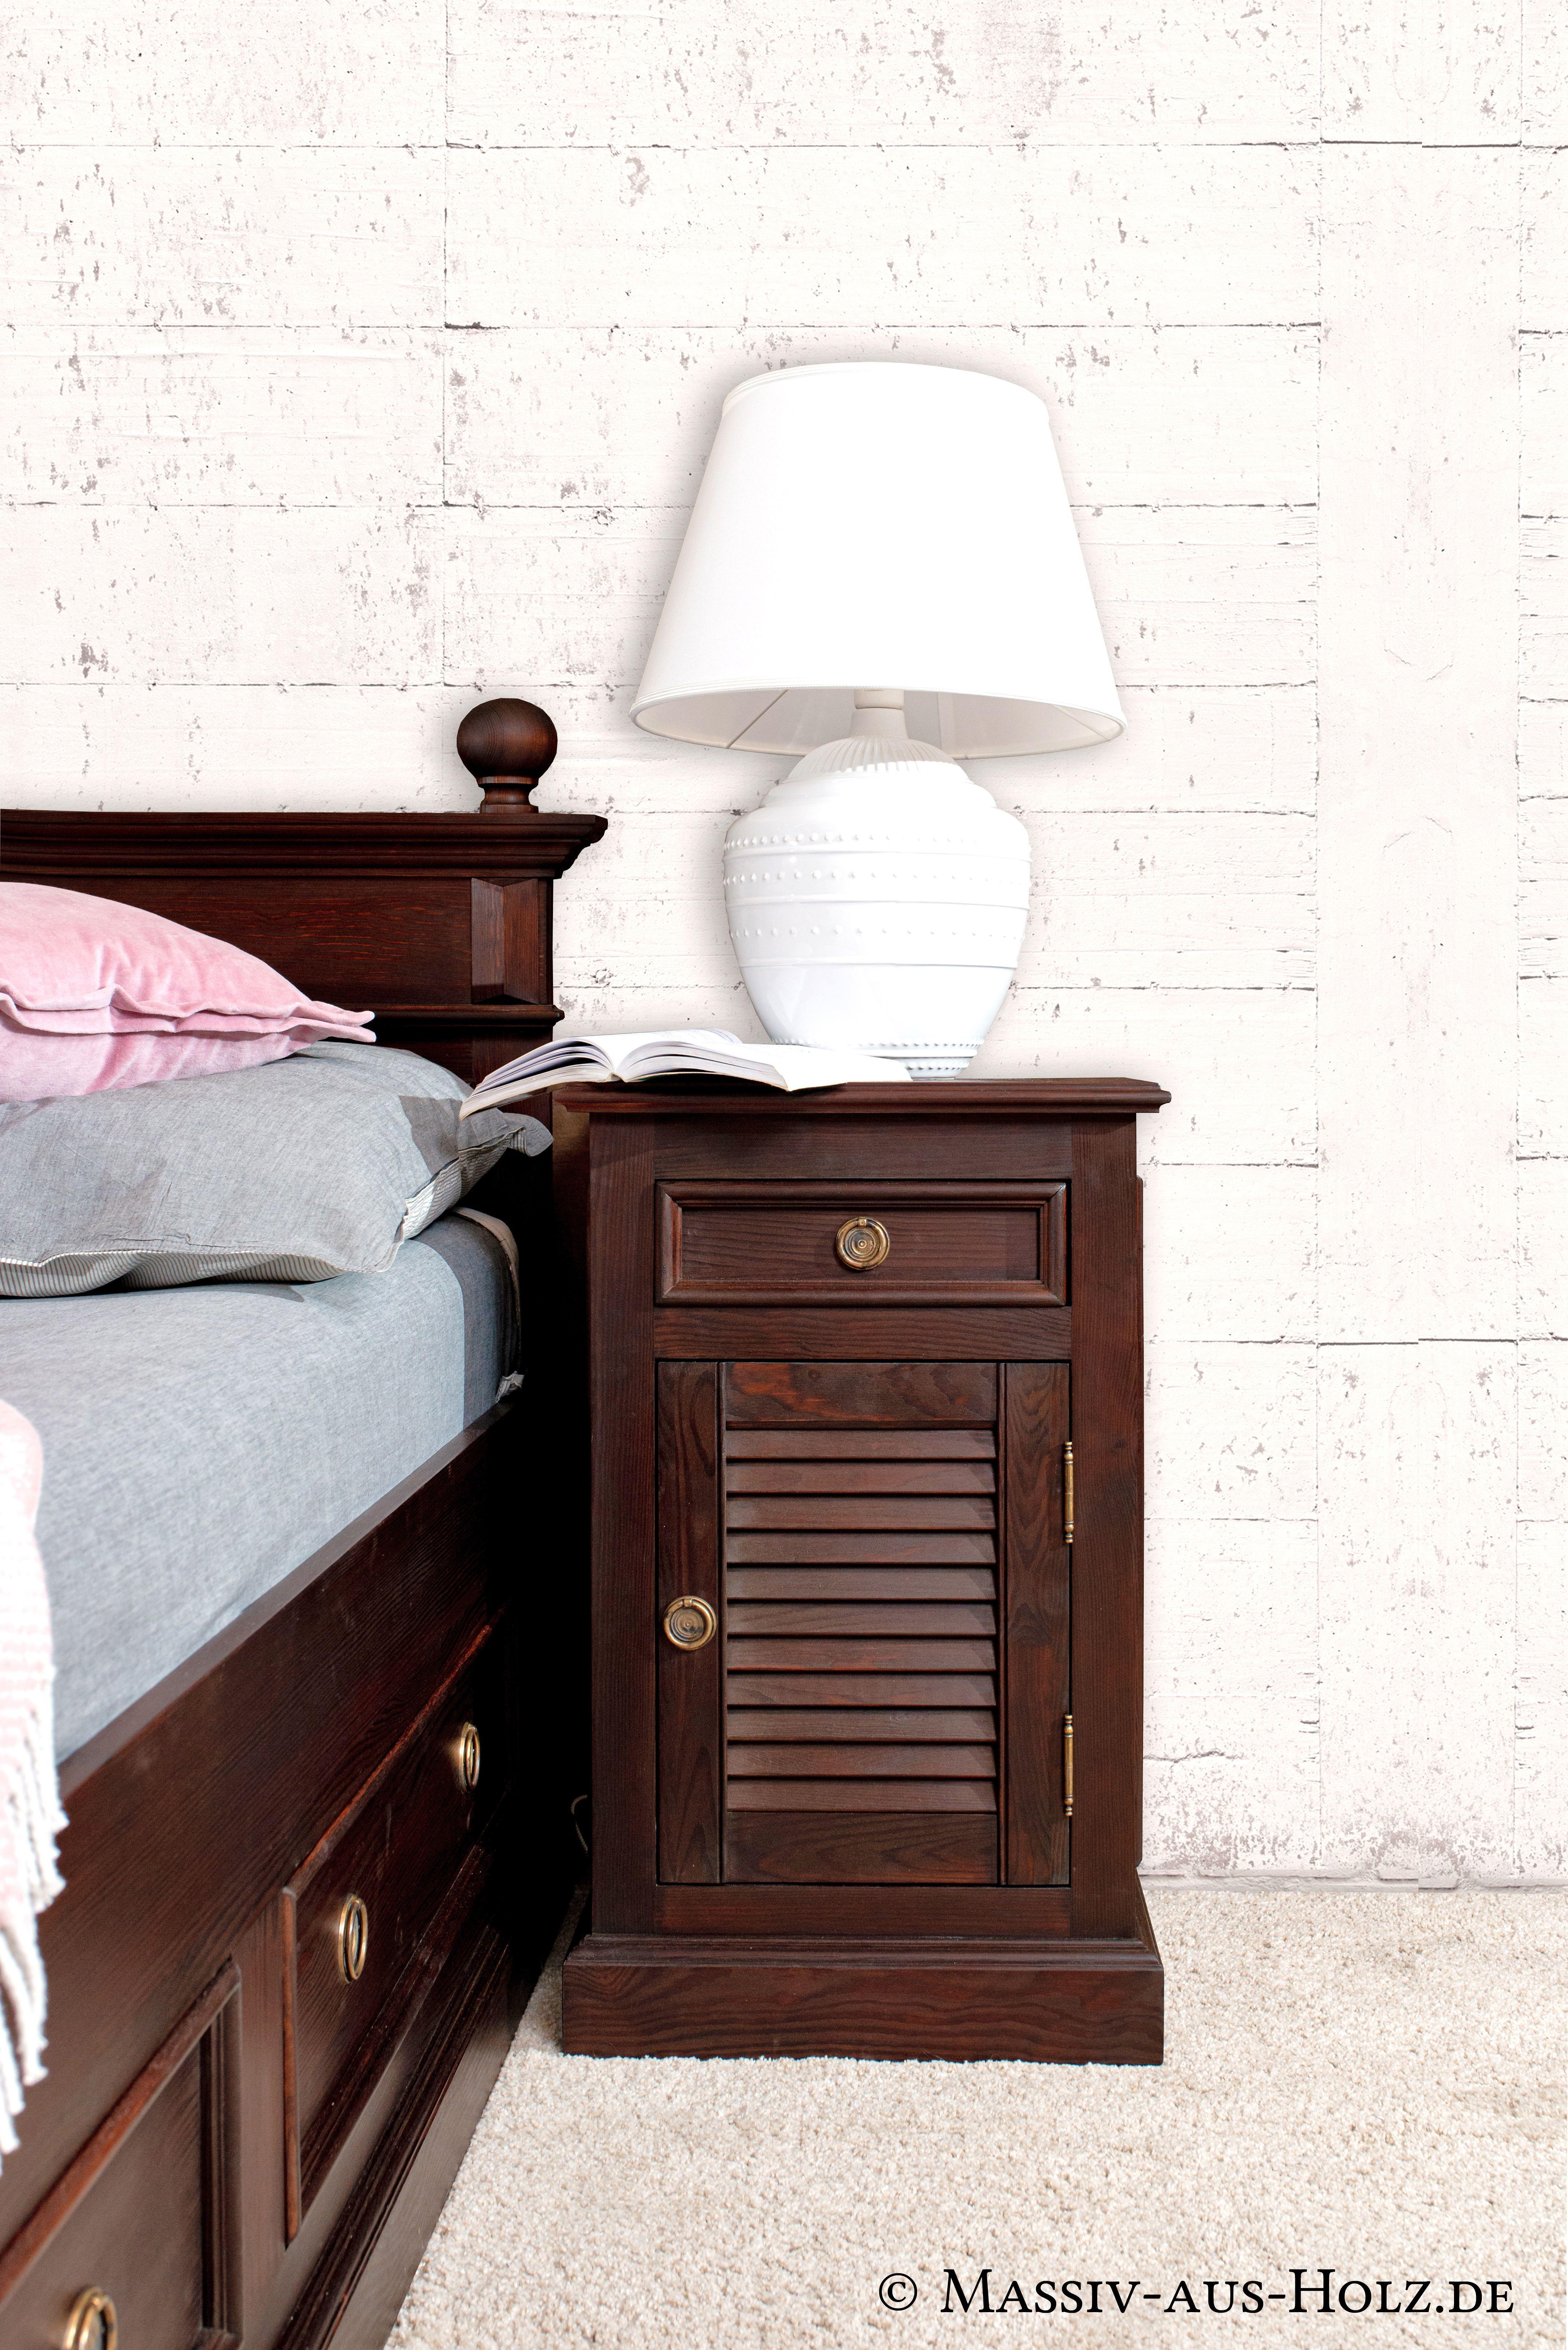 Nachttisch Mit Lamellentur Im Kolonialstil Holzbetten Himmelbetten Einrichten Und Wohnen